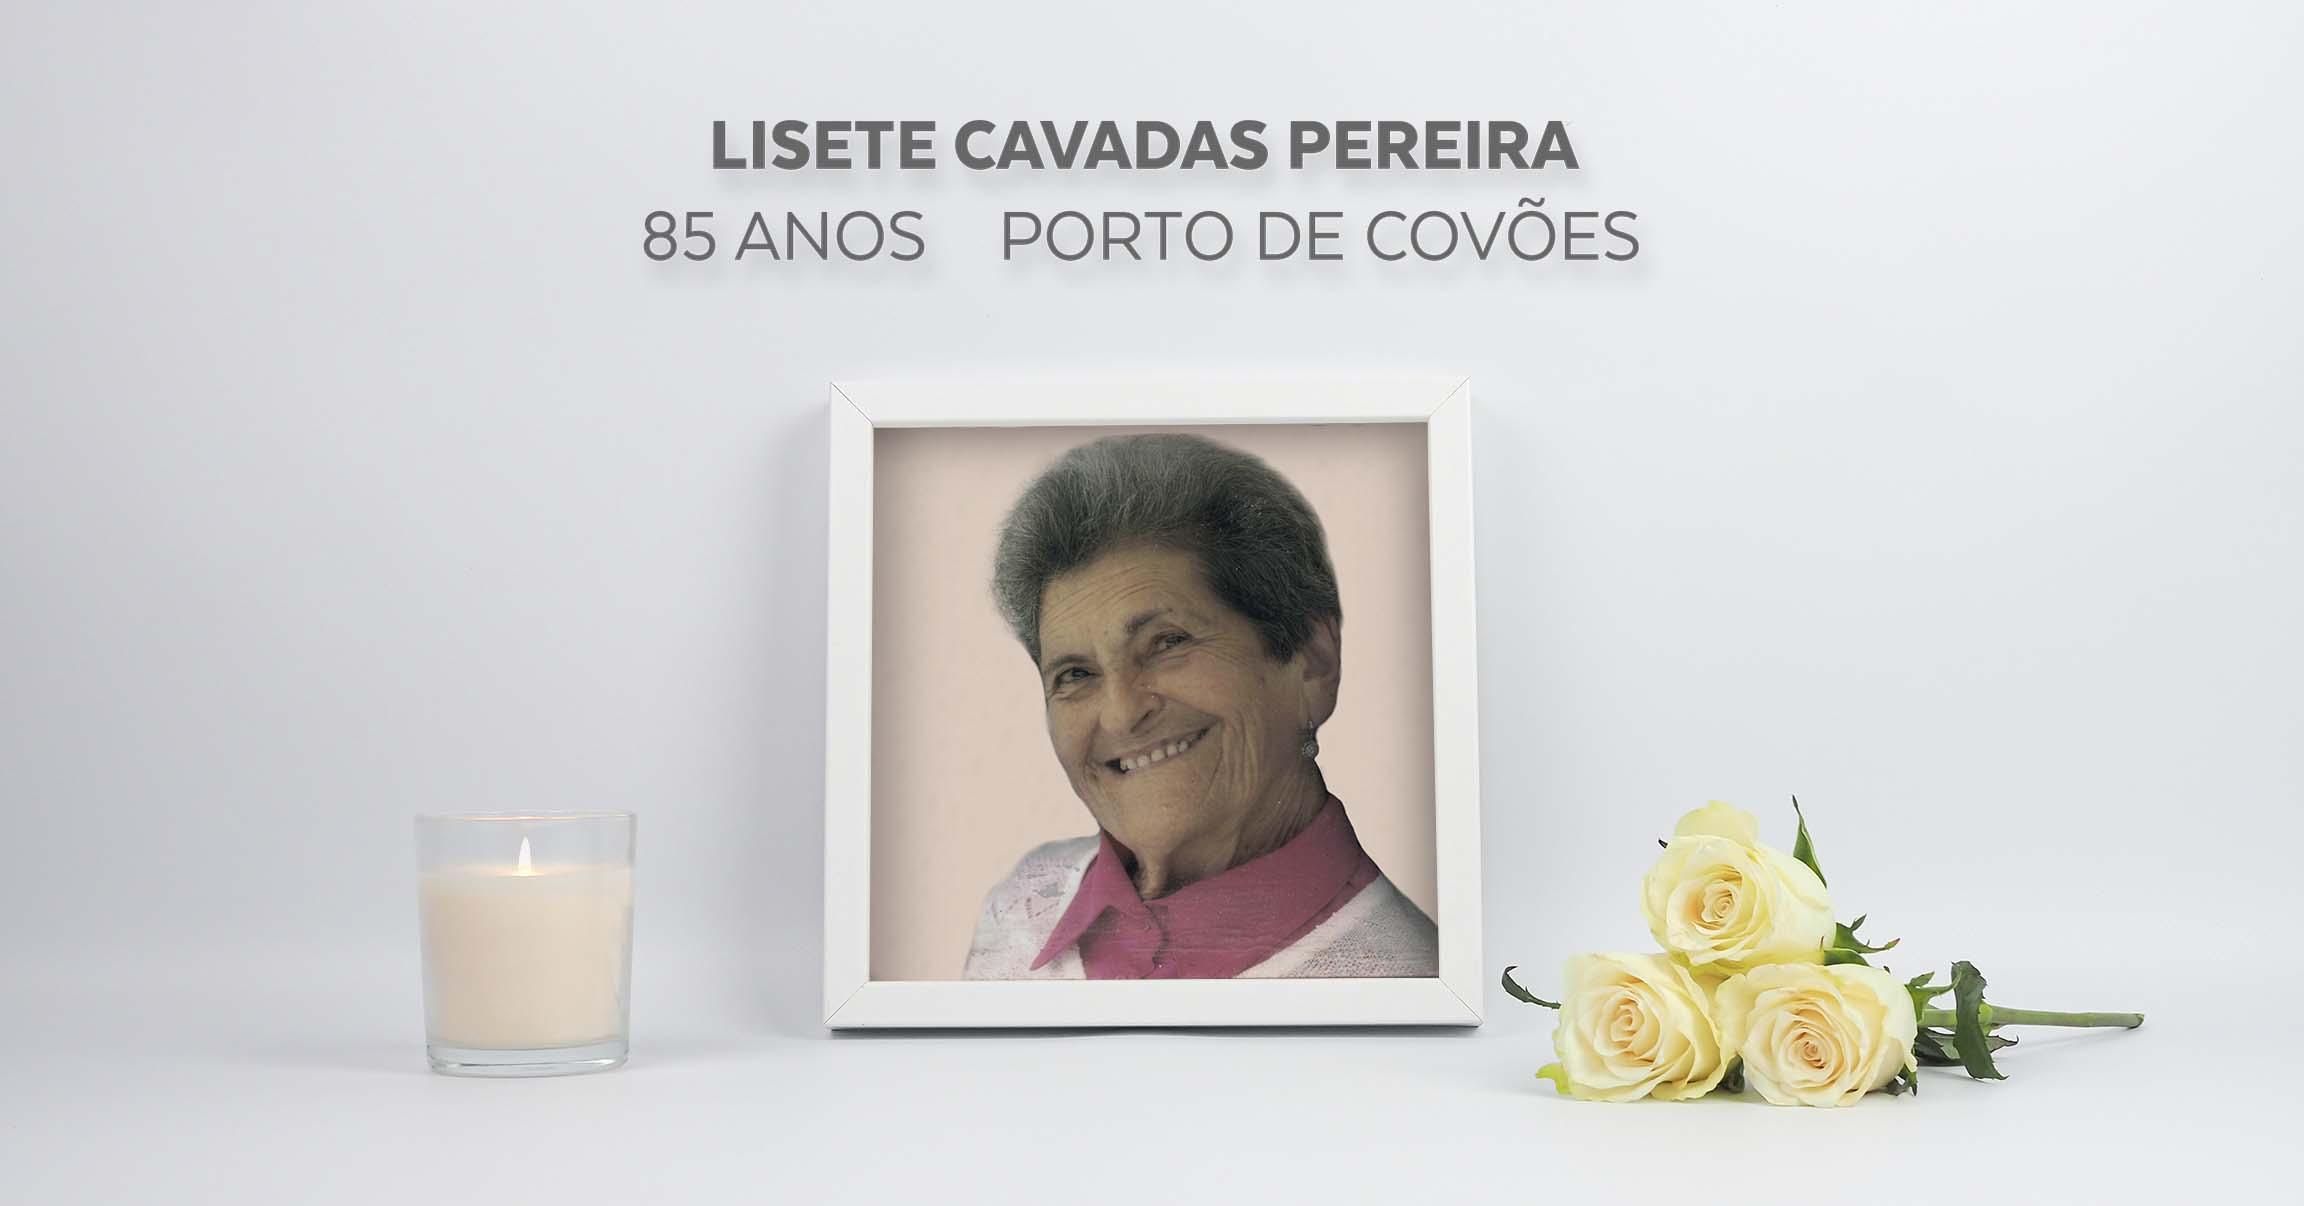 Lisete Cavadas Pereira